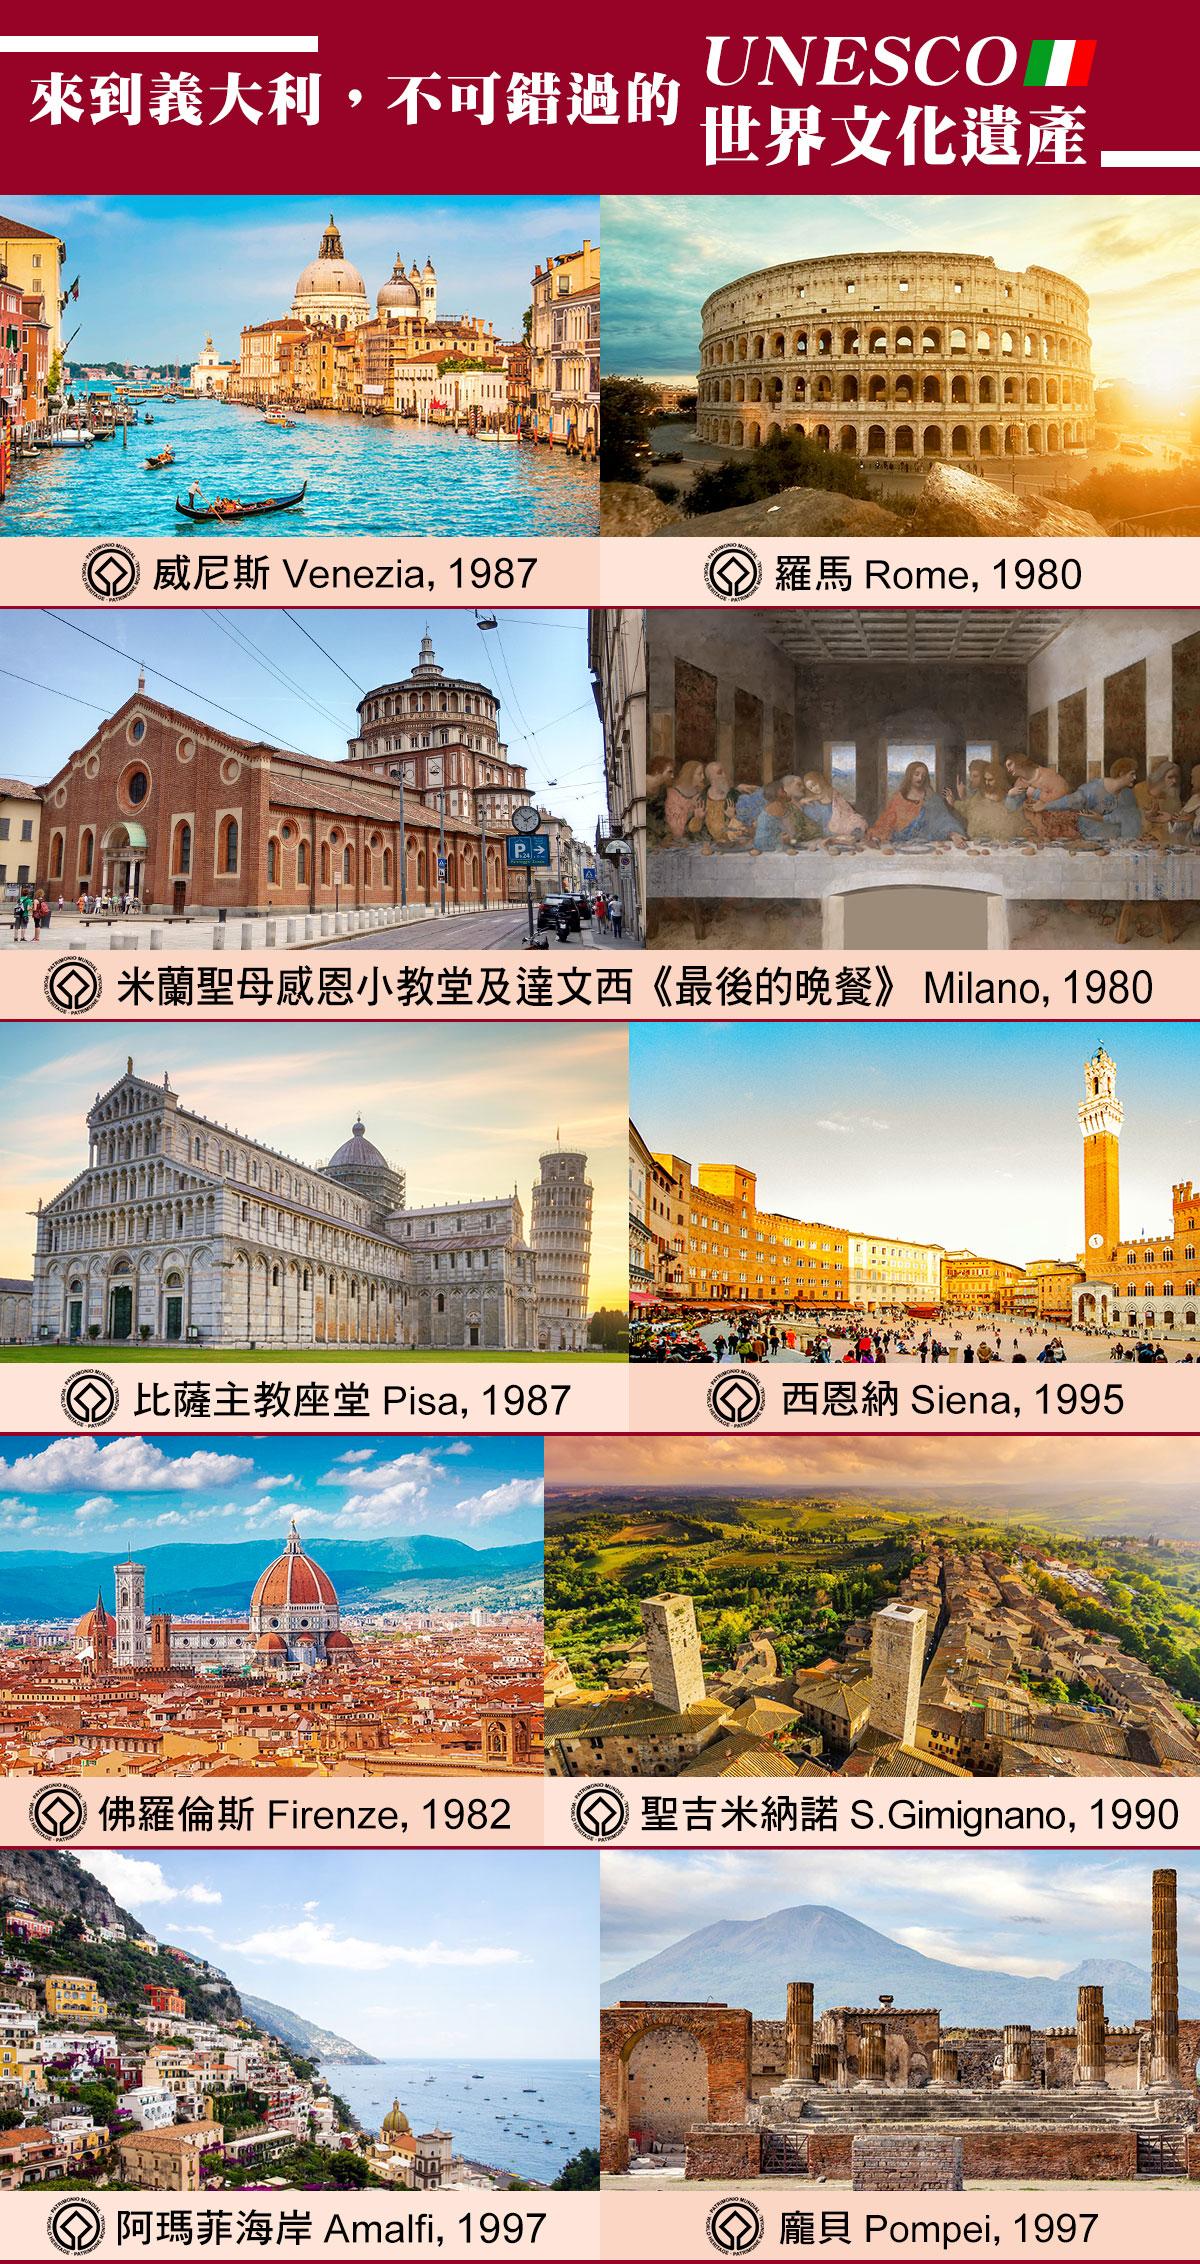 義大利不可錯過的世界文化遺產